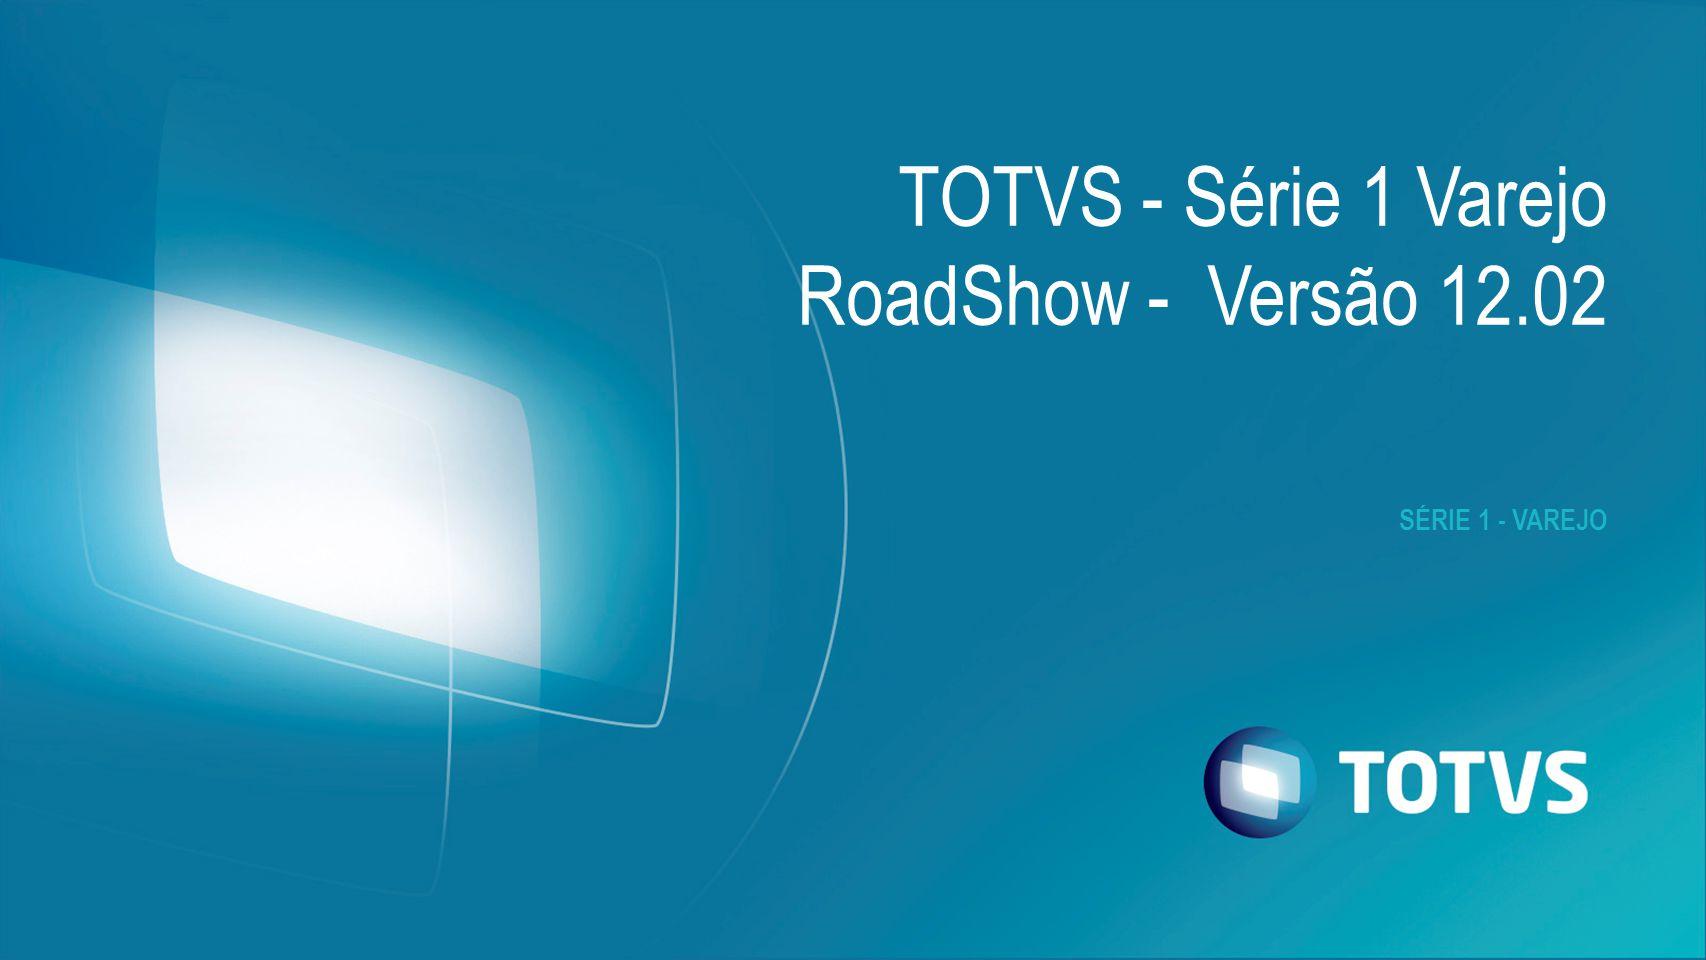 SÉRIE 1 - VAREJO TOTVS - Série 1 Varejo RoadShow - Versão 12.02